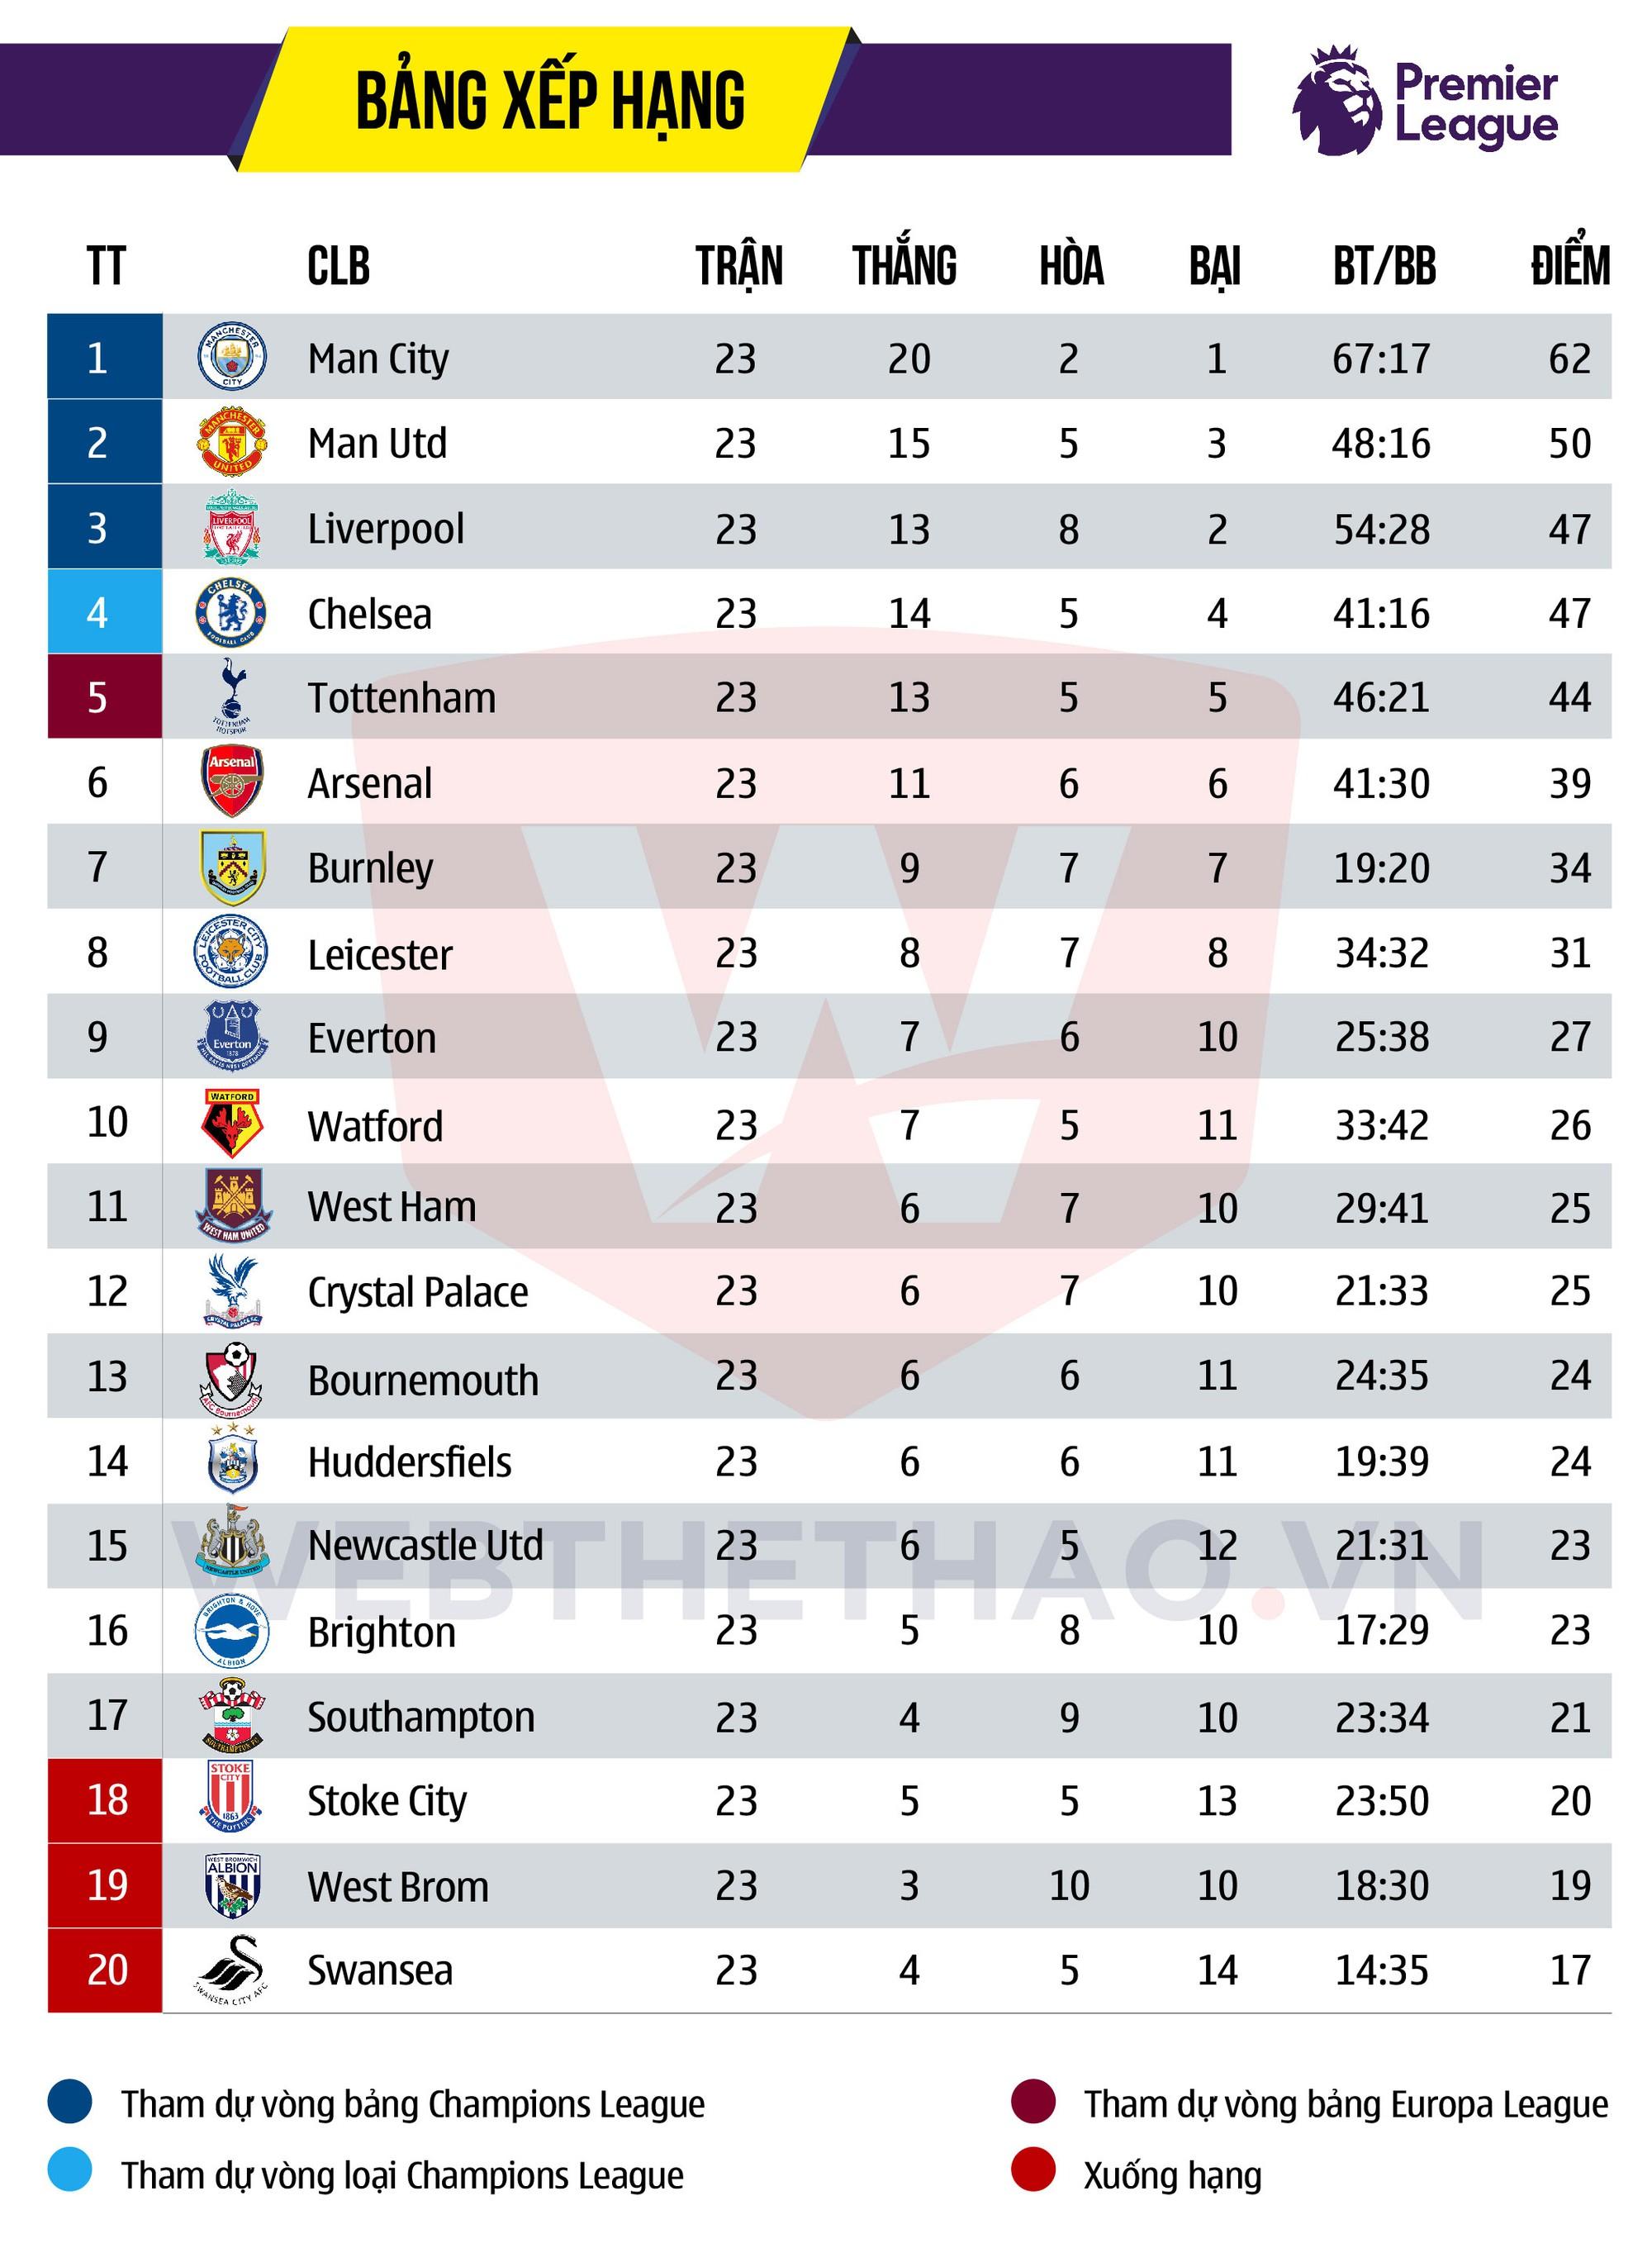 Hình ảnh: Dù thua Liverpool vòng trước nhưng Man City vẫn vững vàng ngôi đầu bỏ xa MU đến 12 điểm